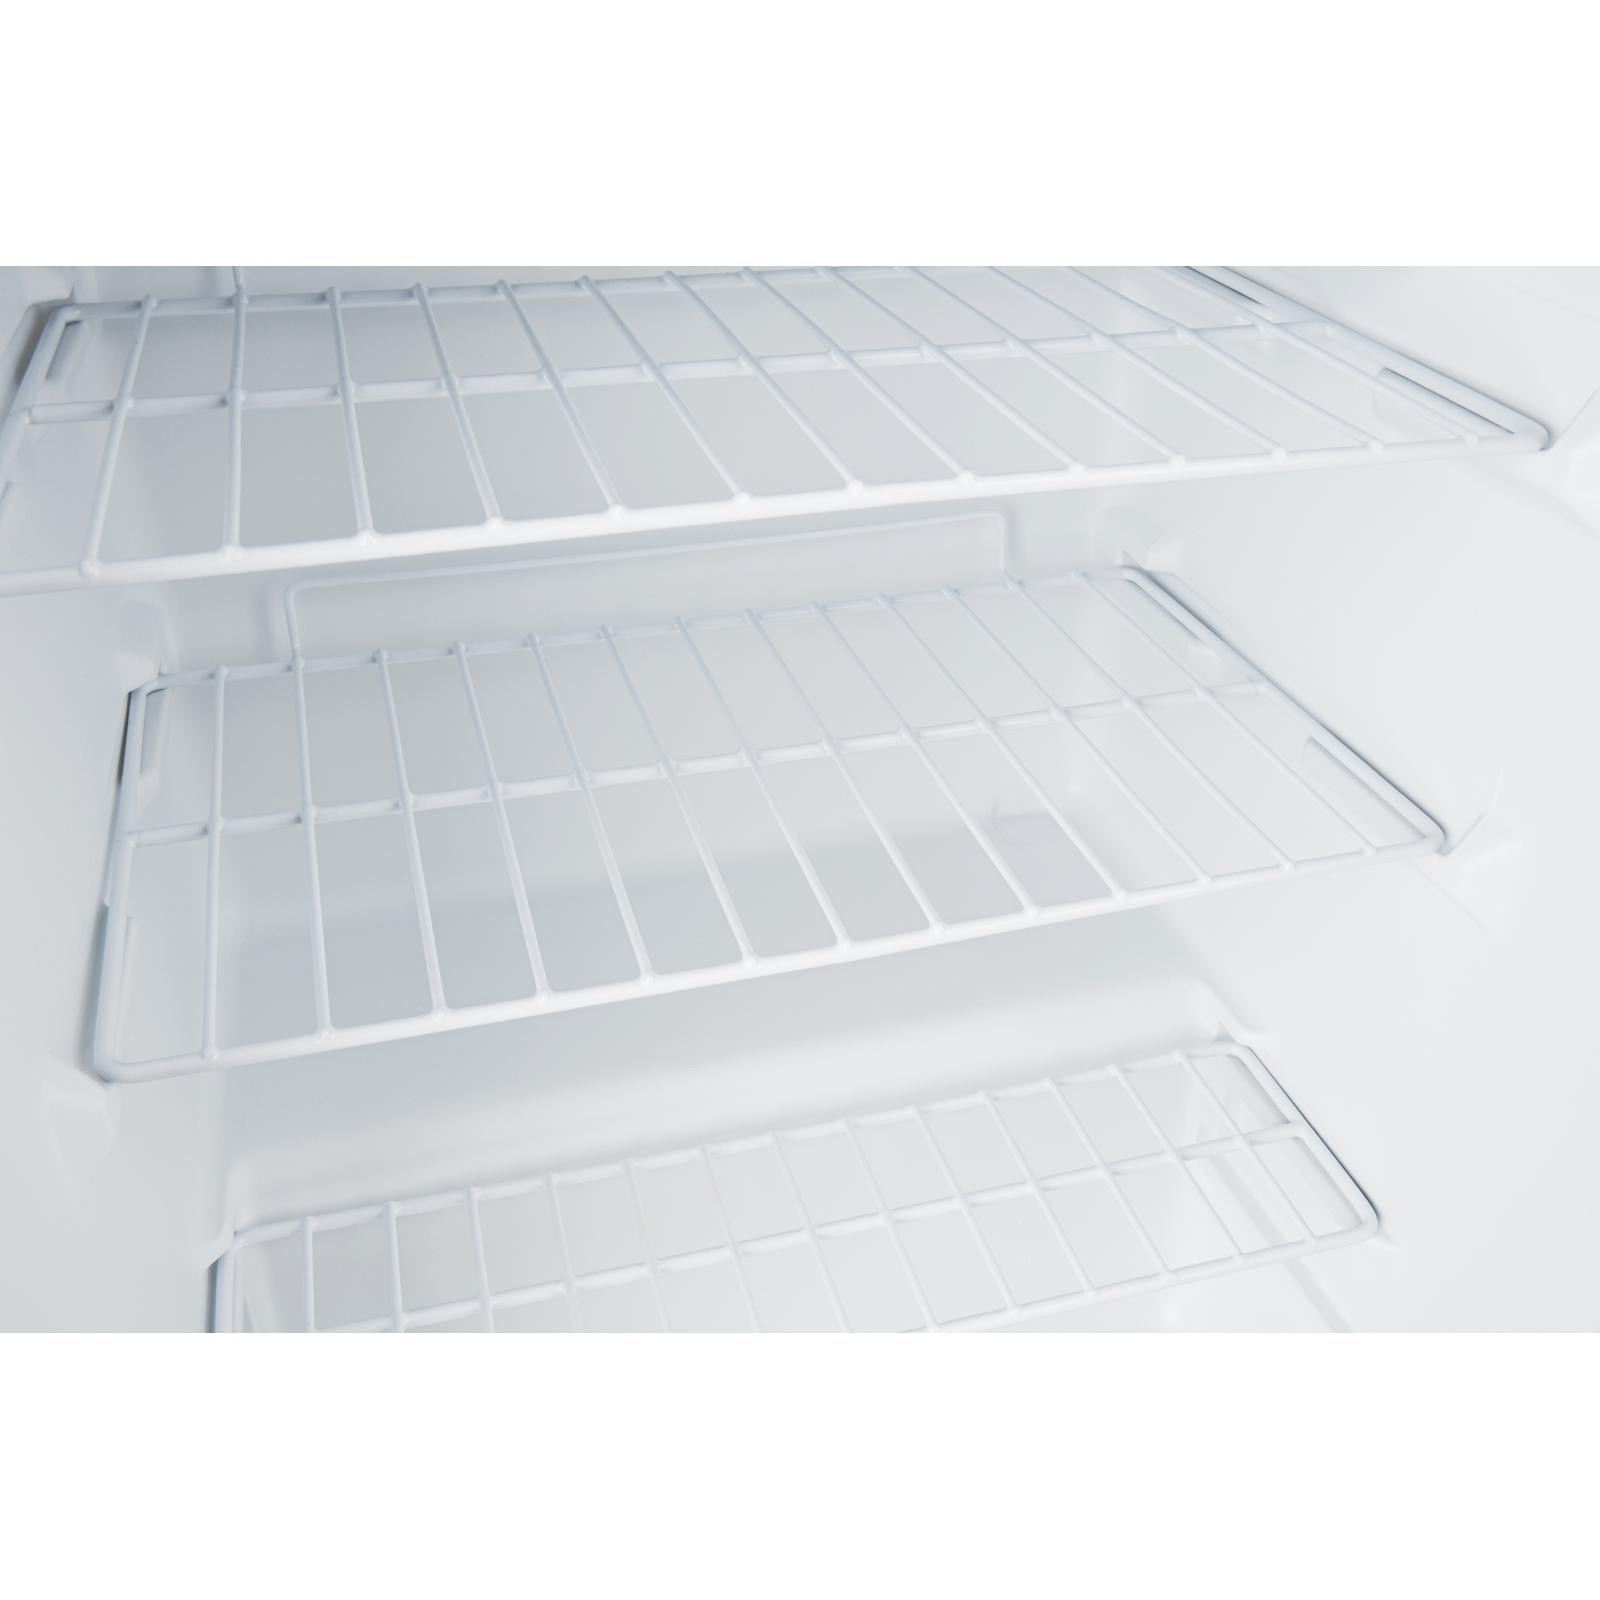 Холодильник Ardesto DFM-90W изображение 5